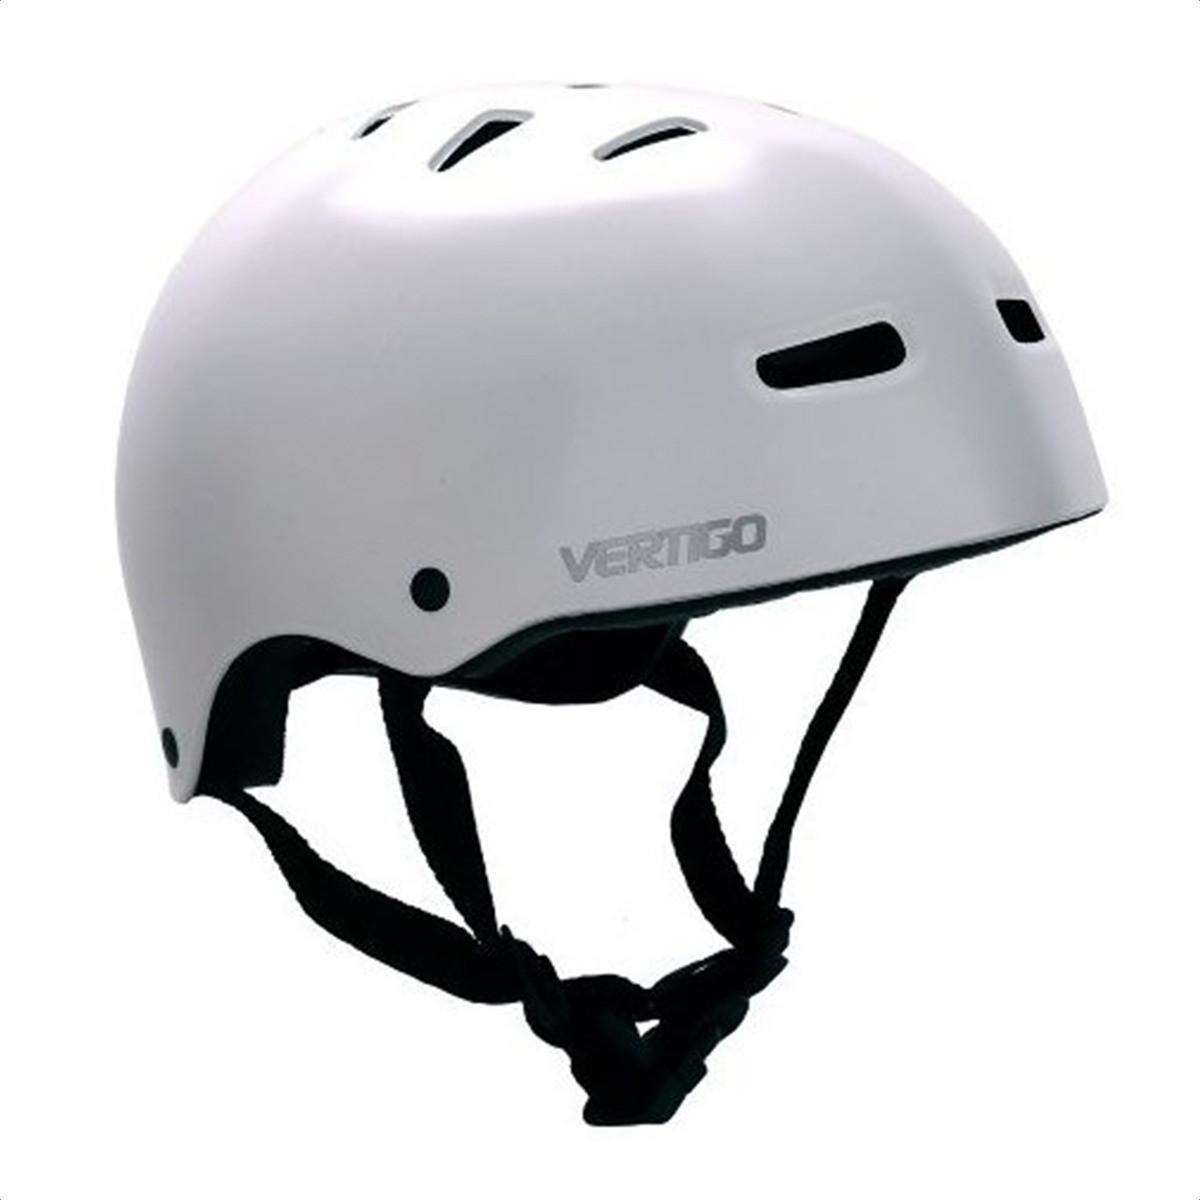 Casco Proteccion Bicicleta Vertigo Blanco